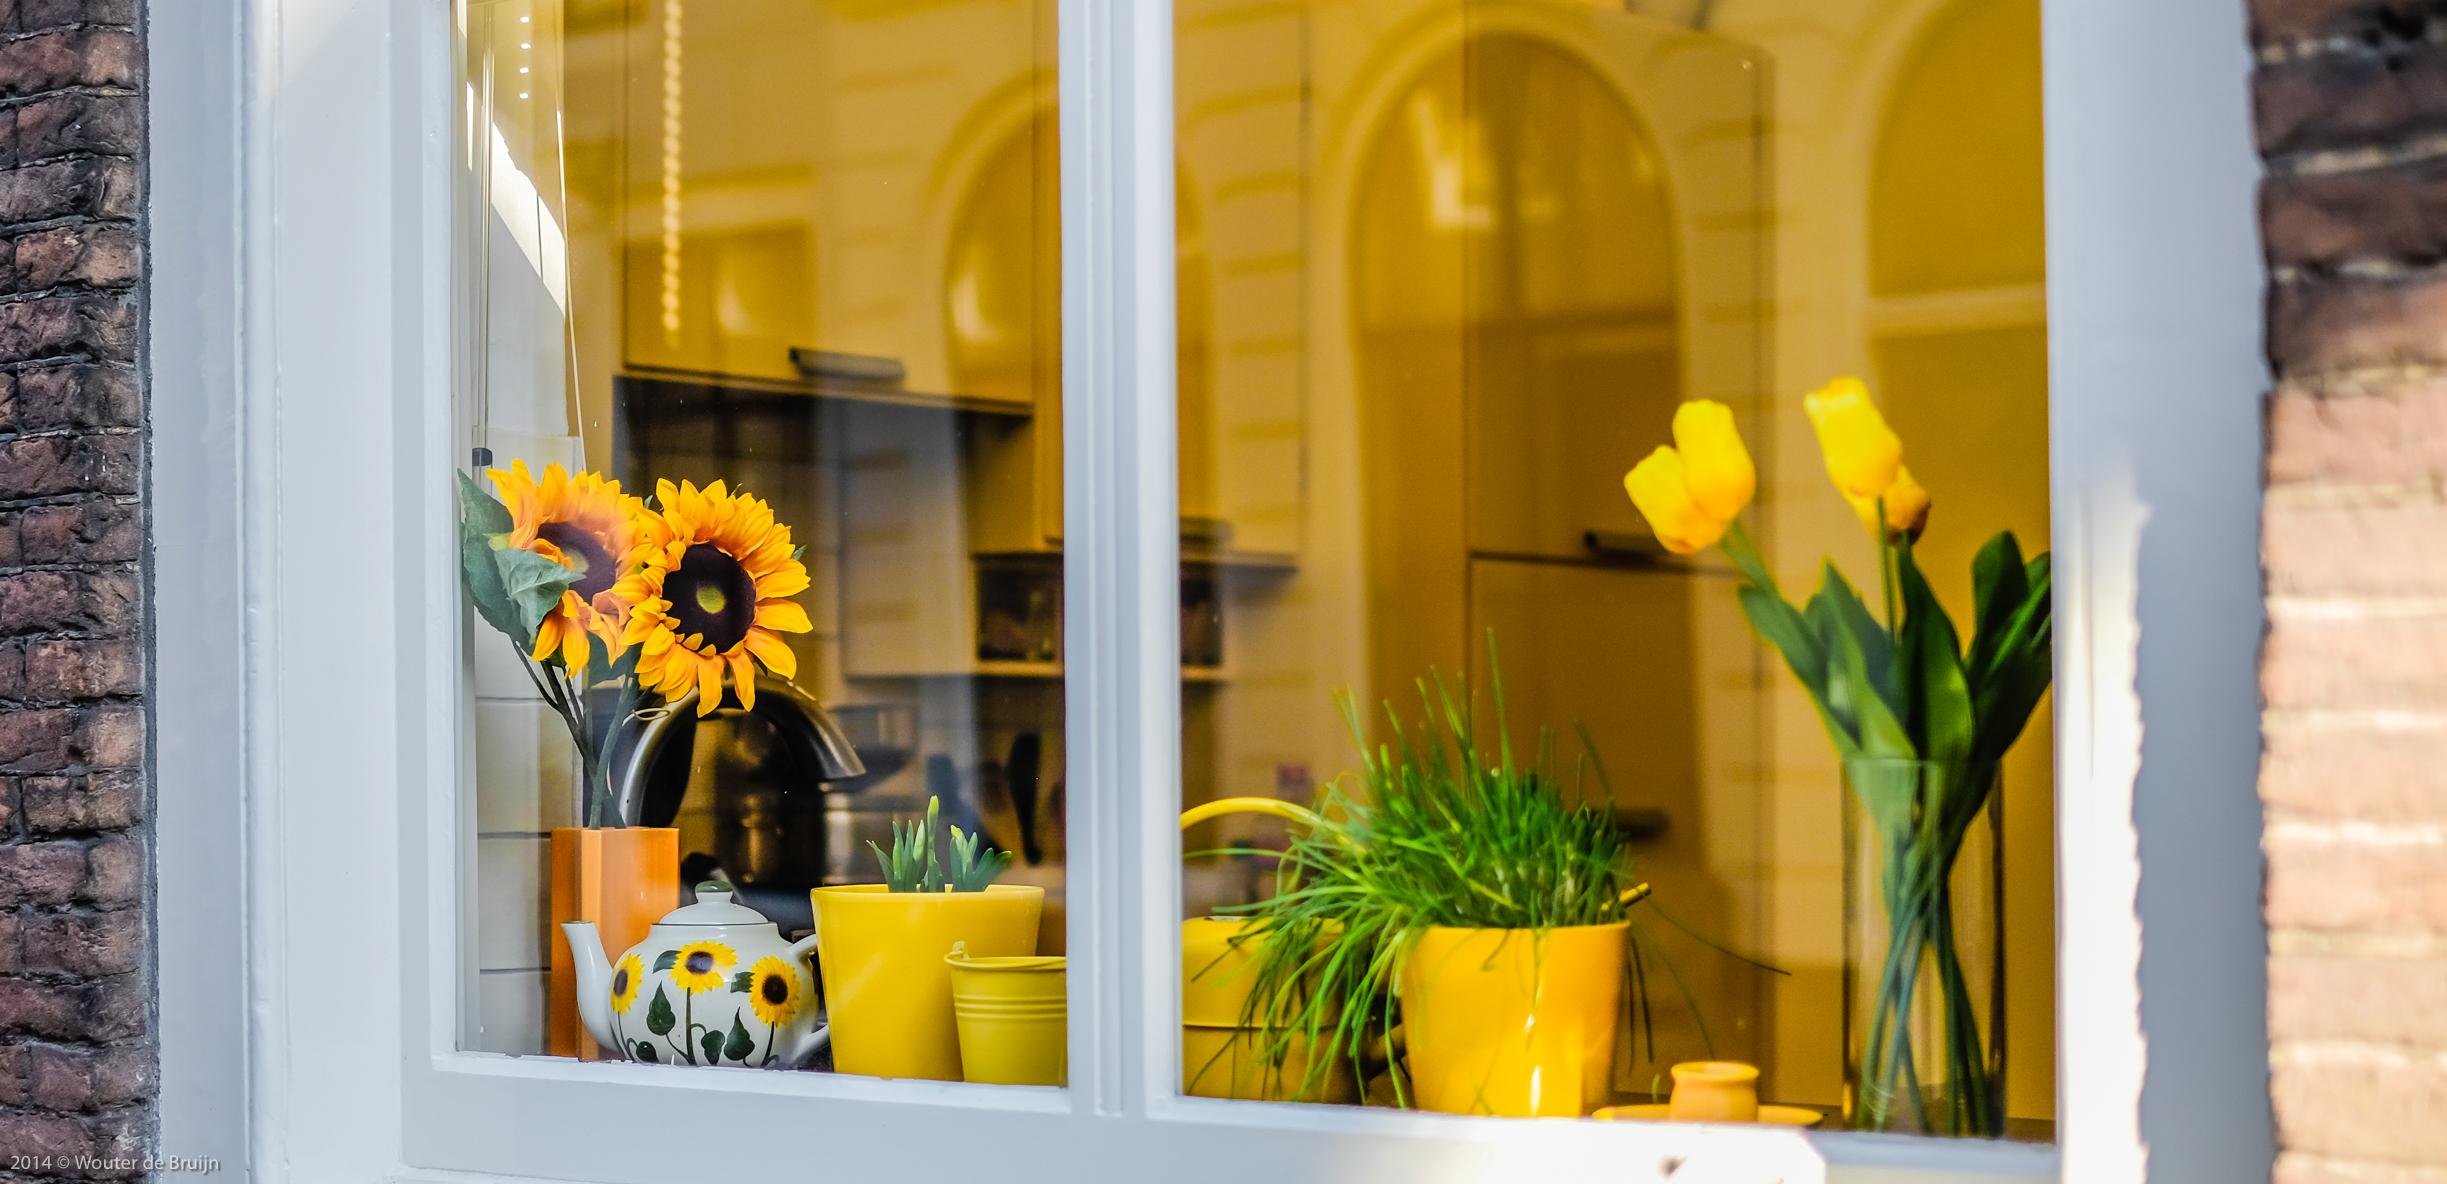 Sfondi finestra fiori piante tulipani giallo cucina for Finestra con fiori disegno